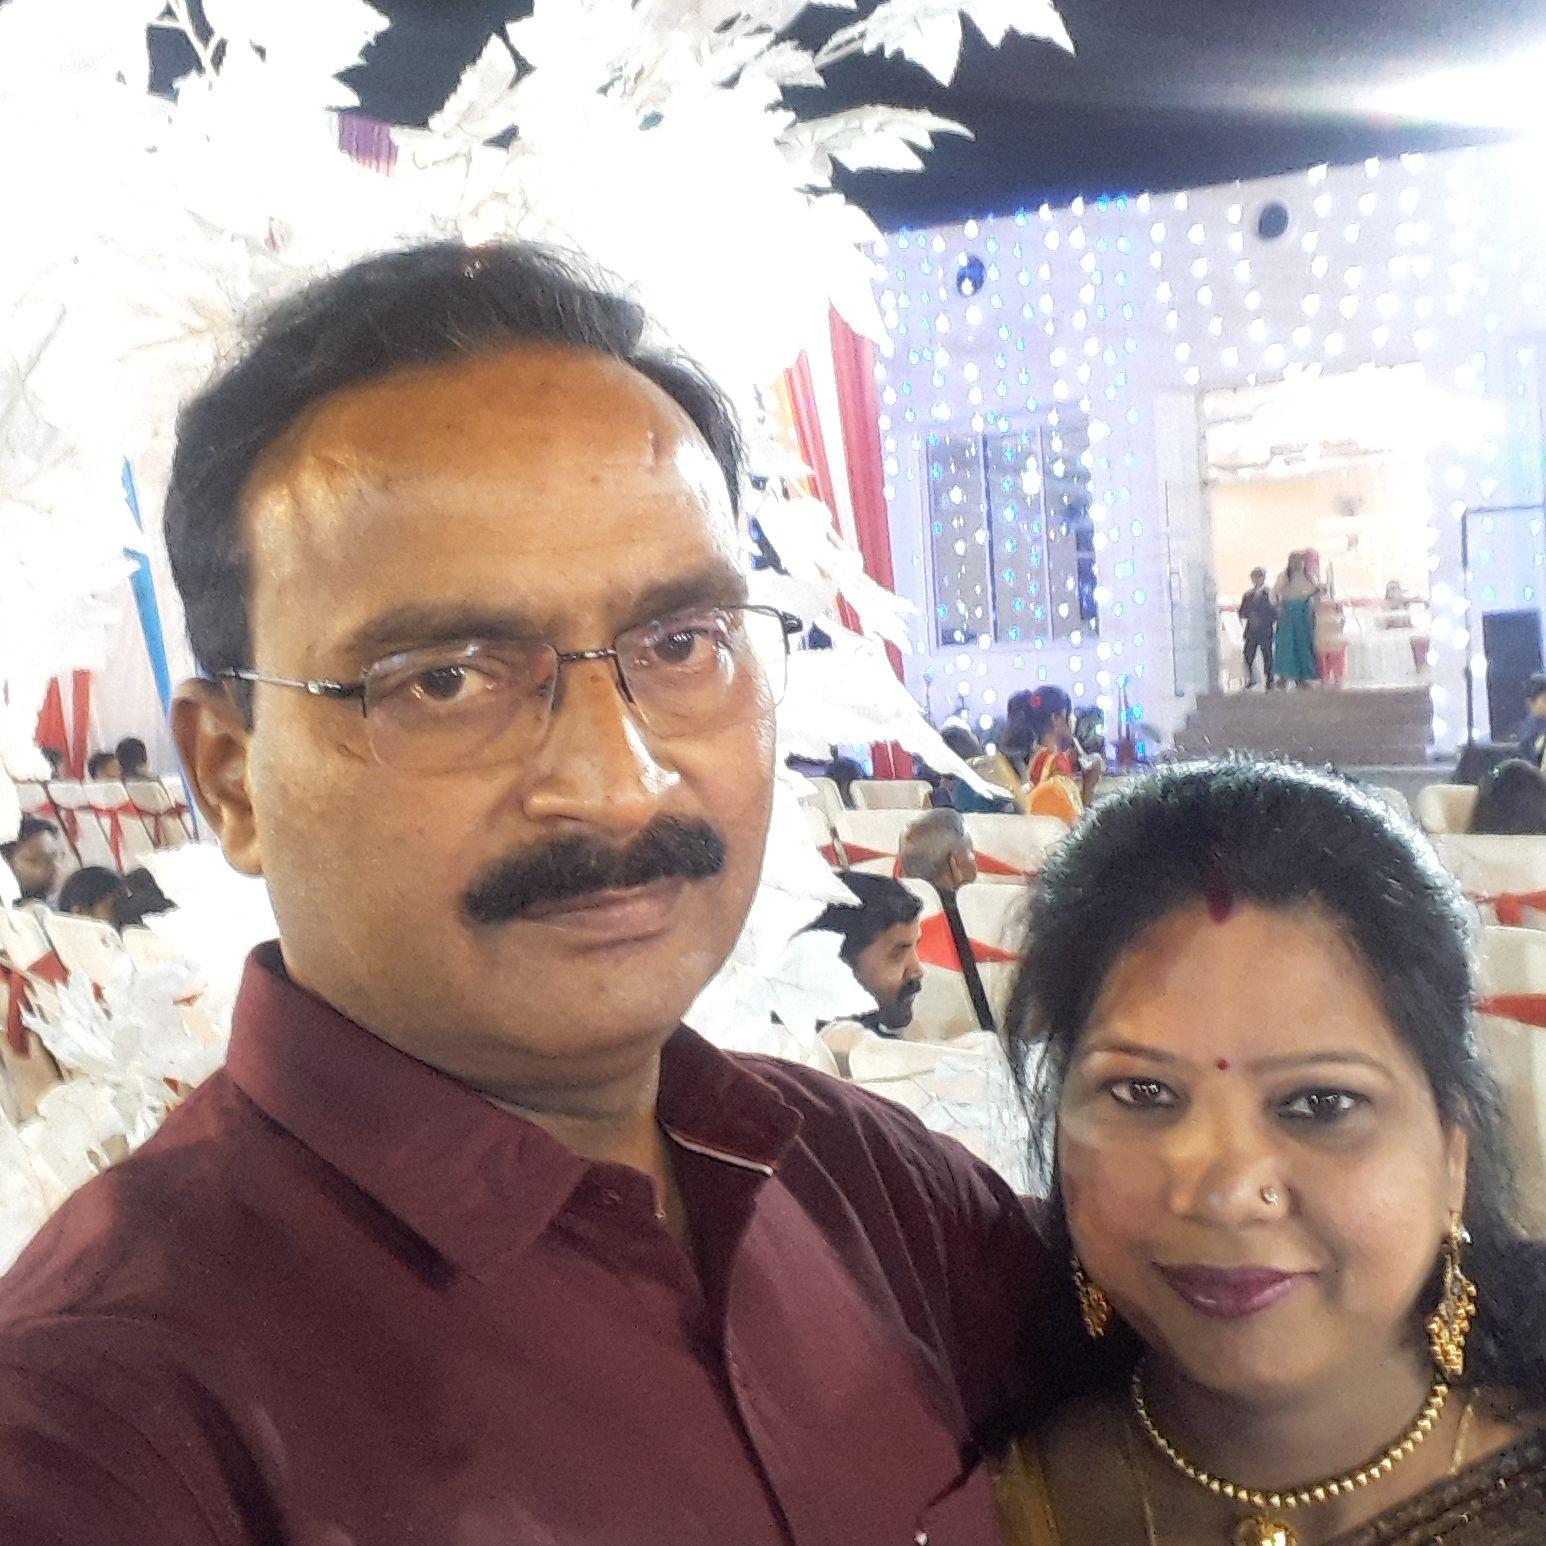 Aalok Kumar Srivastava